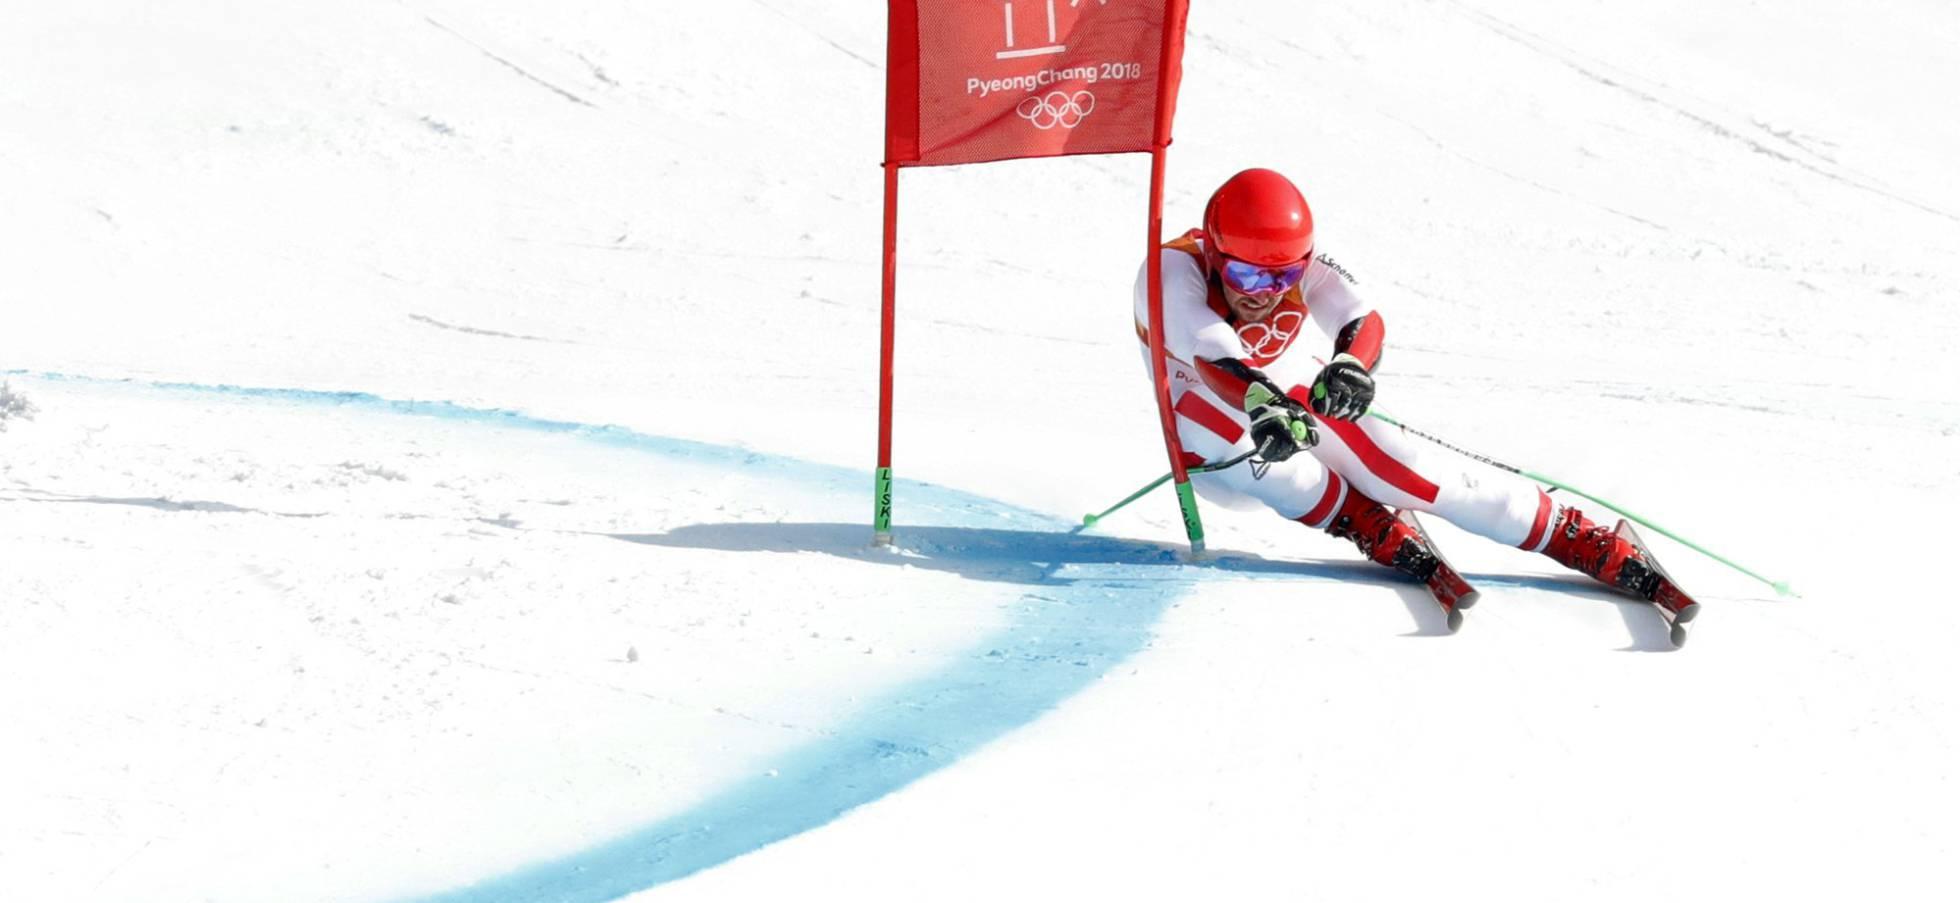 Fotos Juegos Olimpicos De Invierno 2018 El Decimo Dia En Imagenes